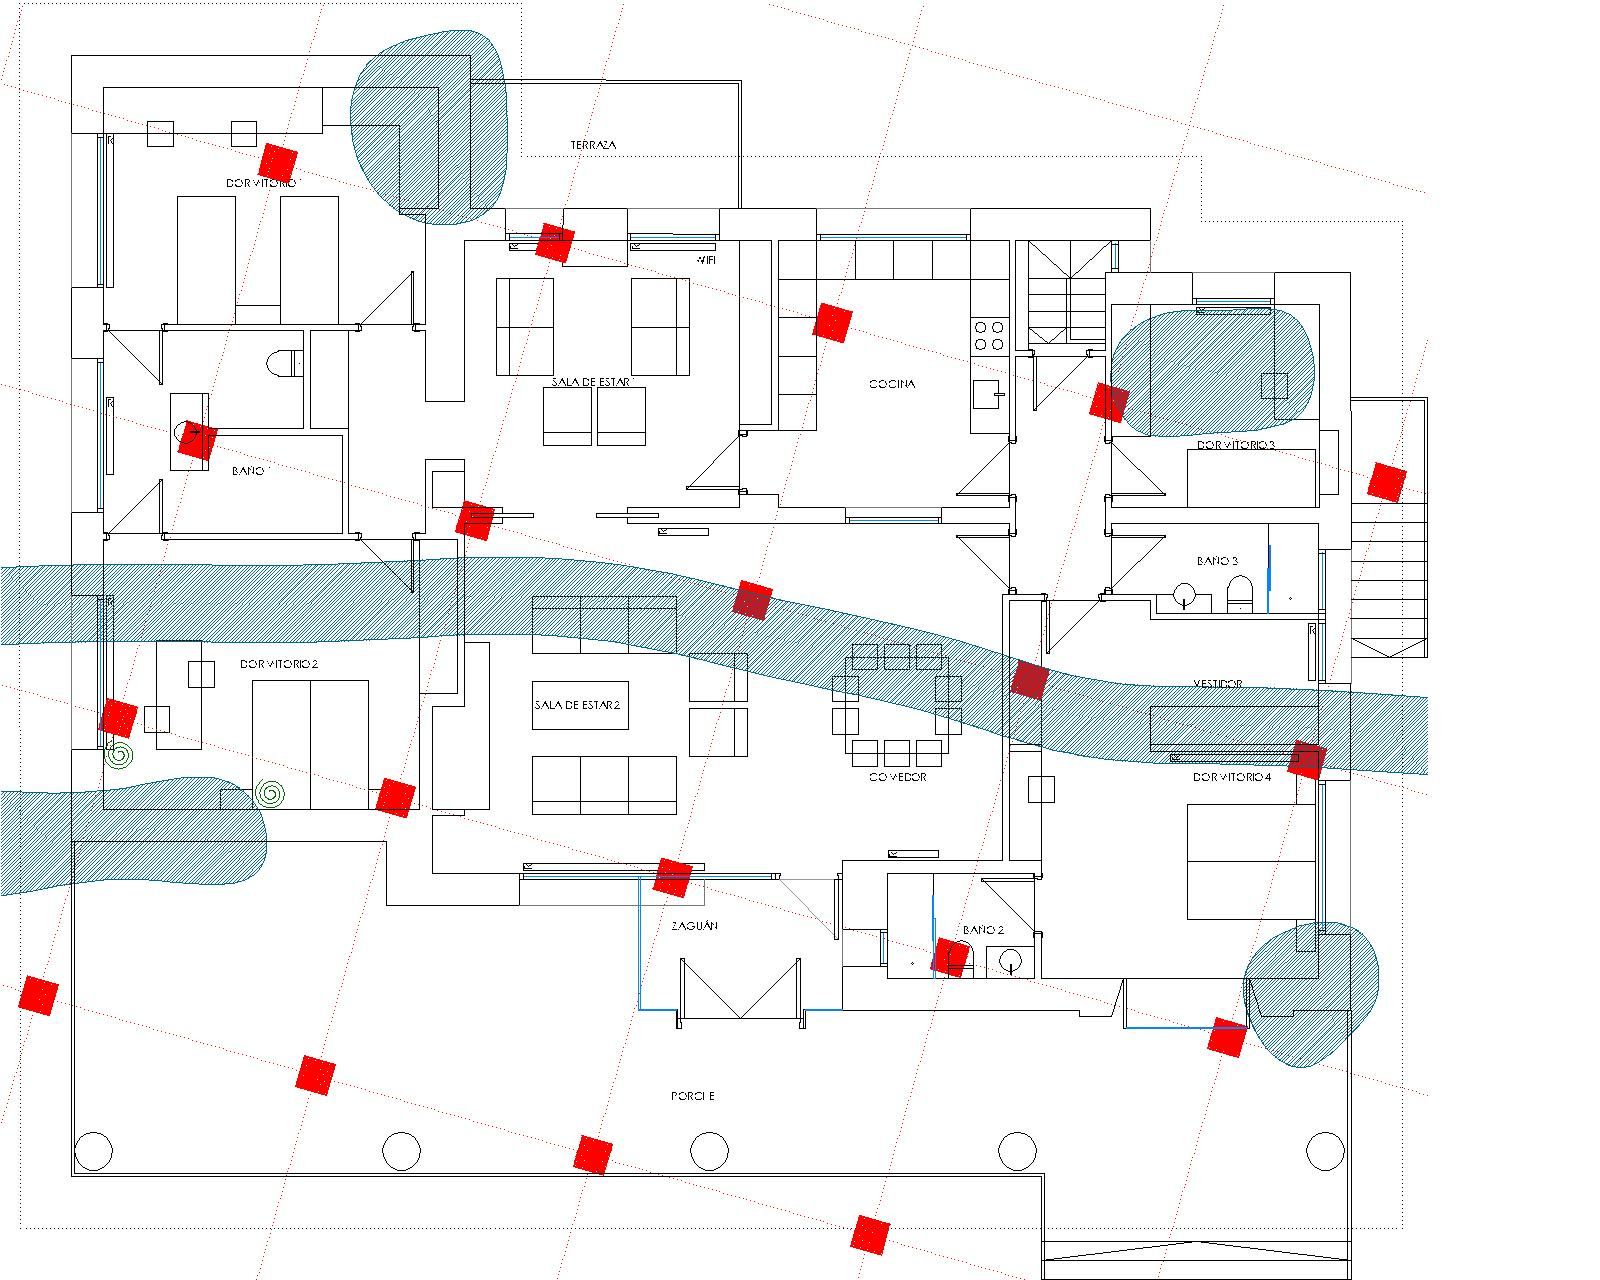 Geobiologia_Propuesta_ Glaria Estudio Arquitectura